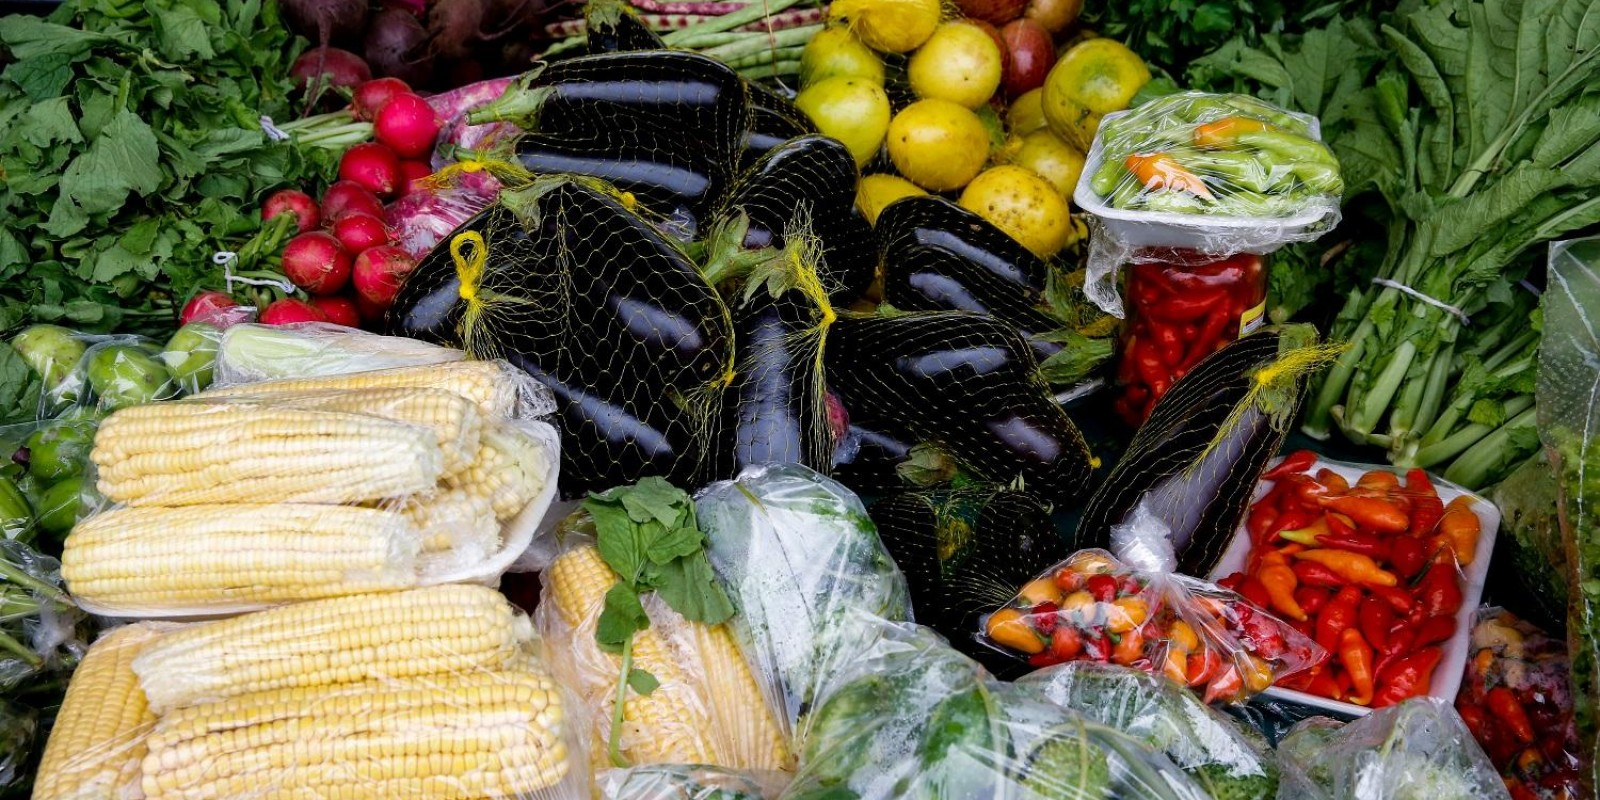 Escolas estaduais mineiras serão abastecidas com alimentos da agricultura familiar